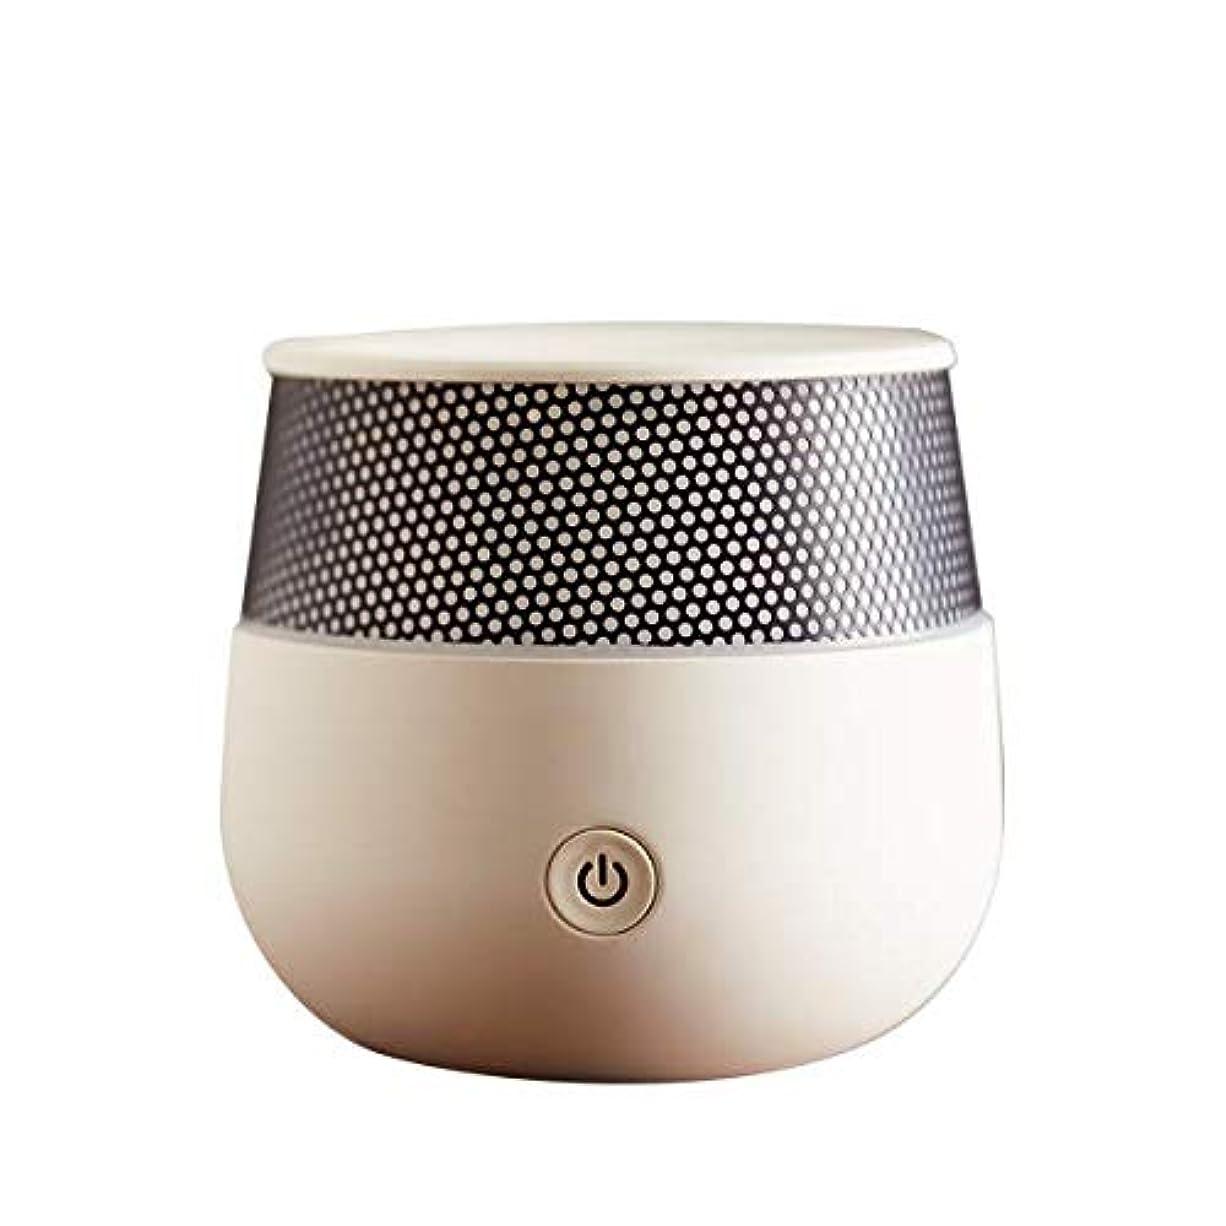 入札言い換えると排出アロマディフューザー URUON-AROMA01 卓上 小型 加湿器 Uruon(ウルオン) 超音波加湿器 オーガニックアロマオイル対応 天然アロマオイル AROMA スリム アロマライト 7色セラピーグラデーションライト